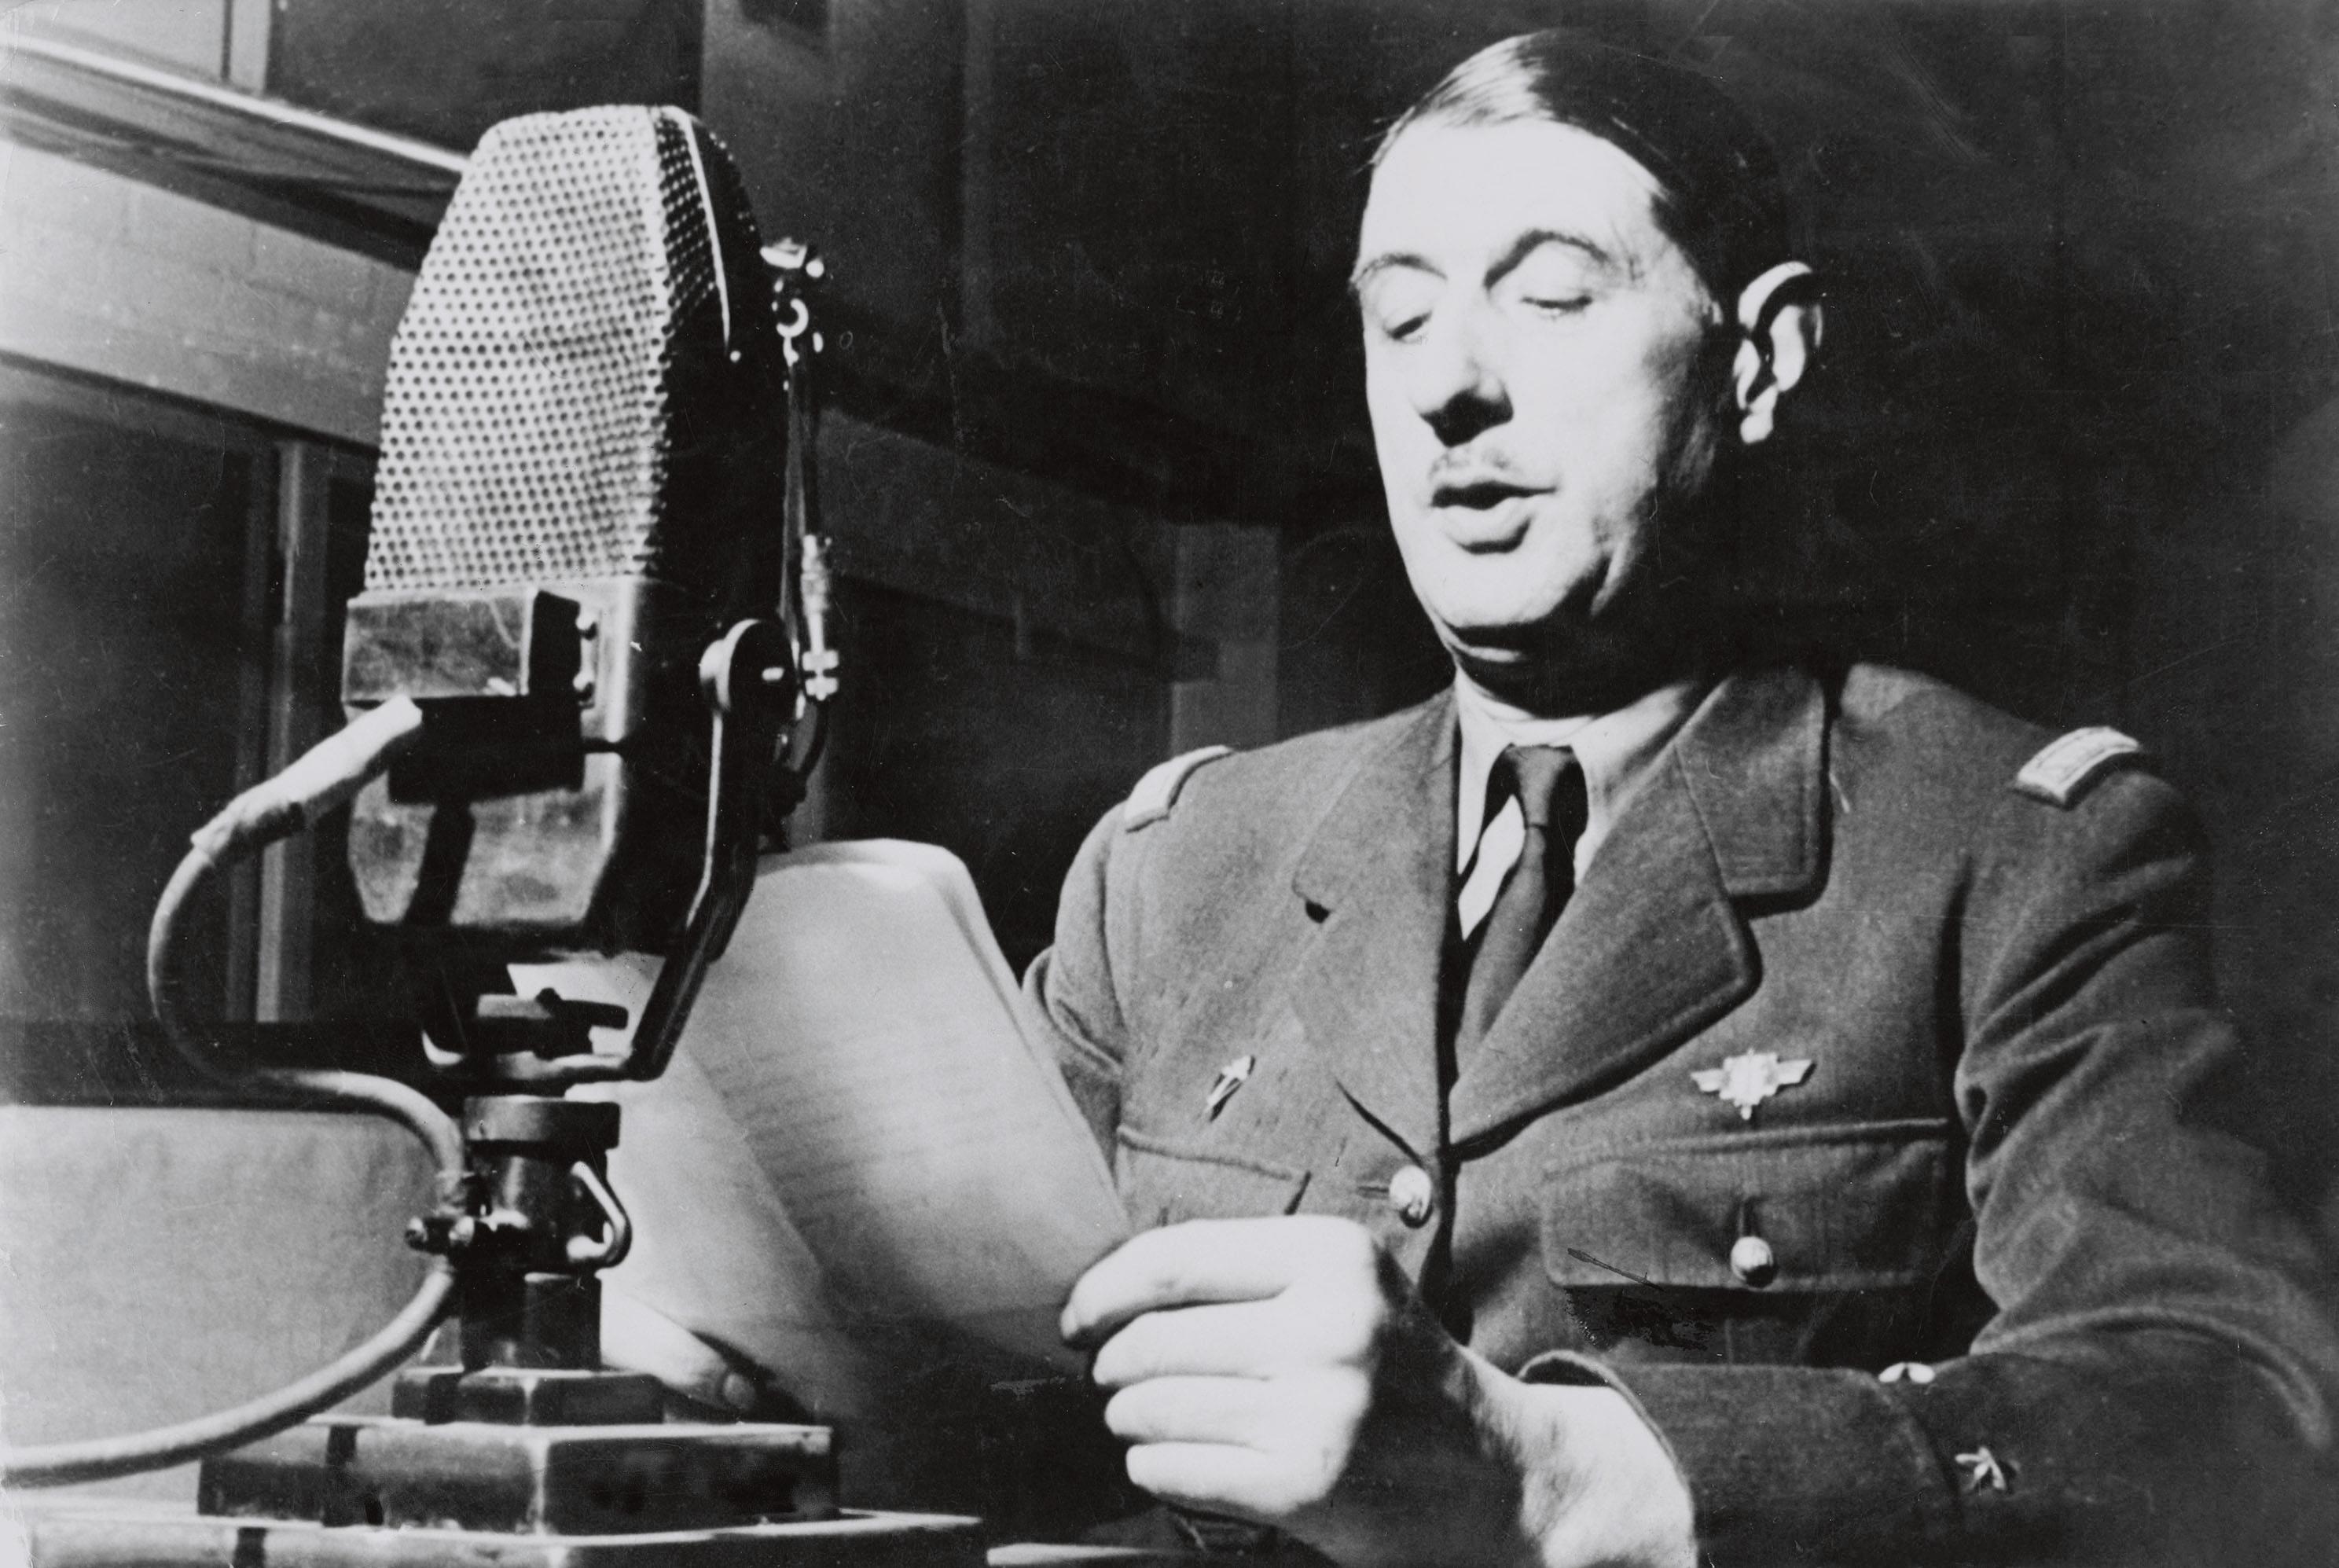 Sur quelles longueurs d'ondes a été diffusé l'appel du Général de Gaulle ?